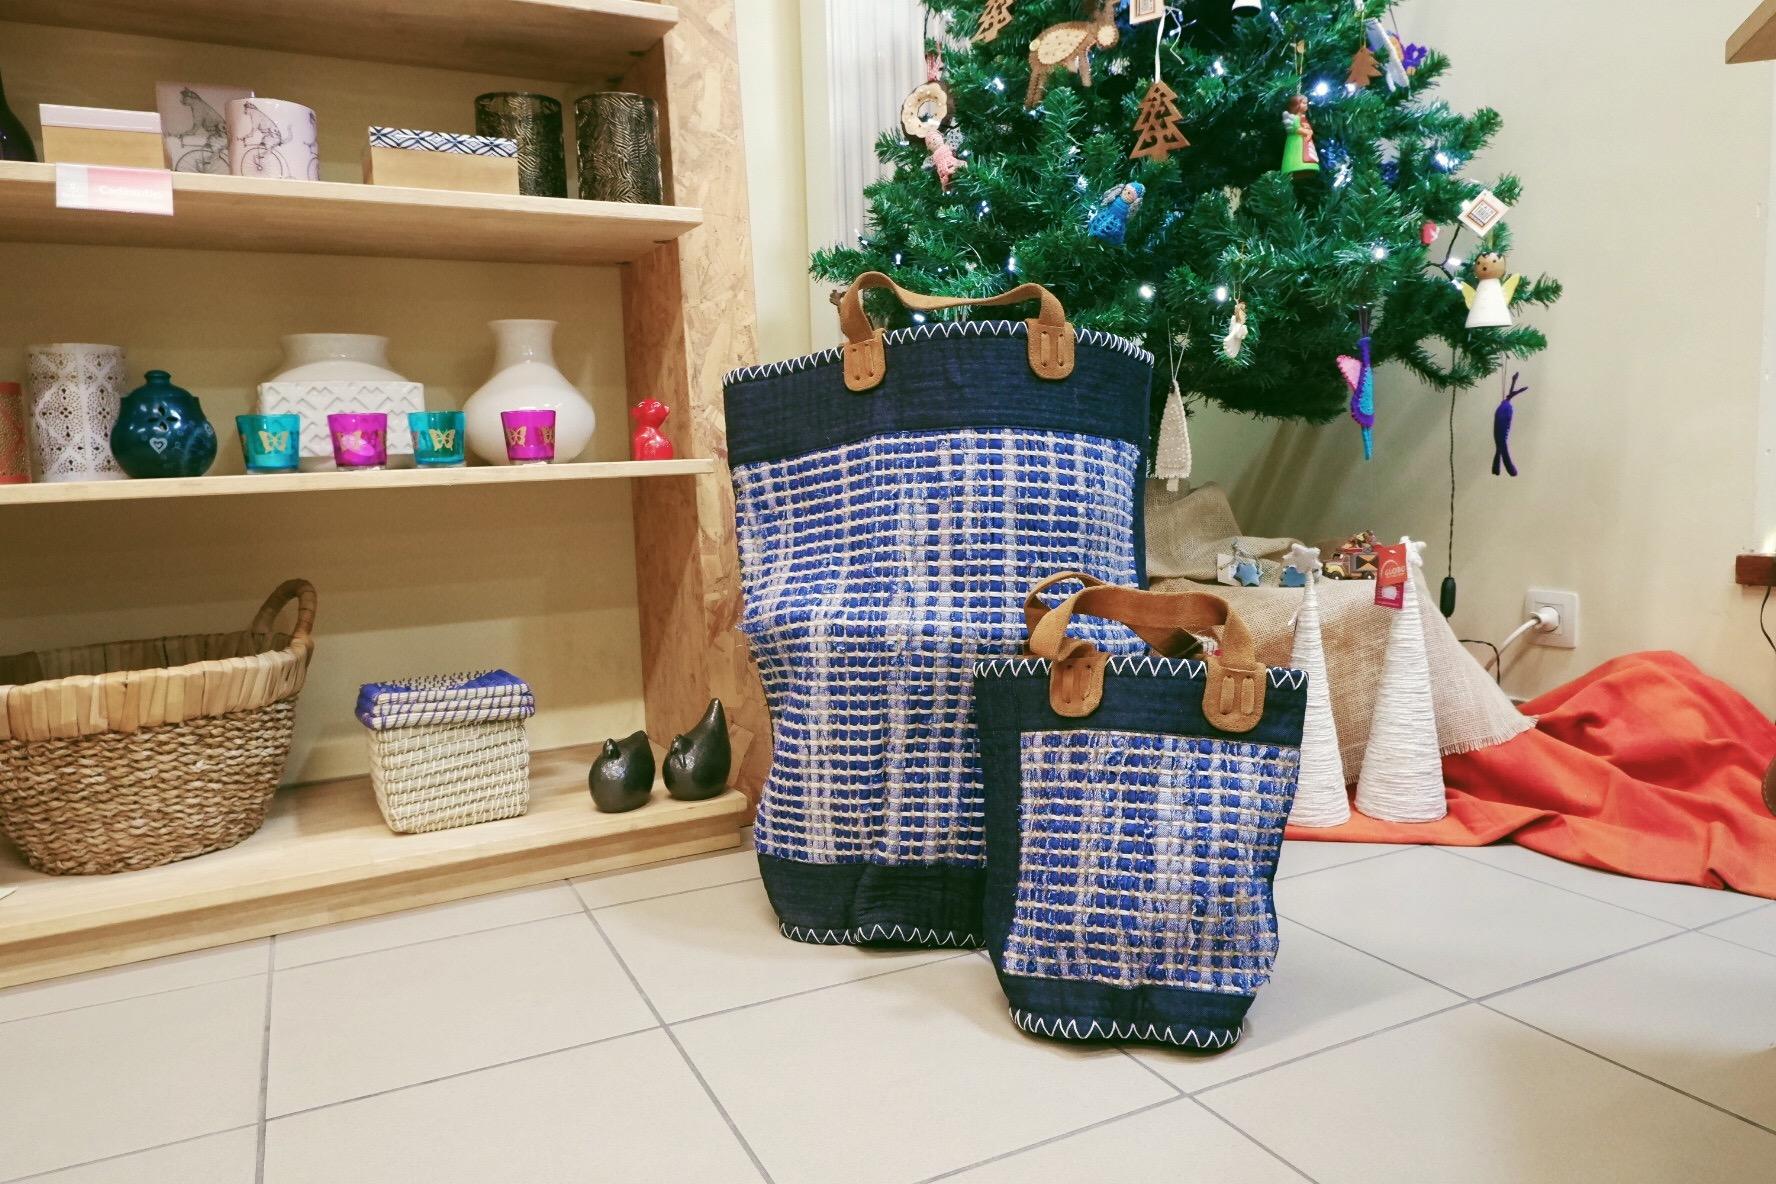 Op eerlijke cadeauzoektocht bij Oxfam Wereldwinkel in Hasselt - manden